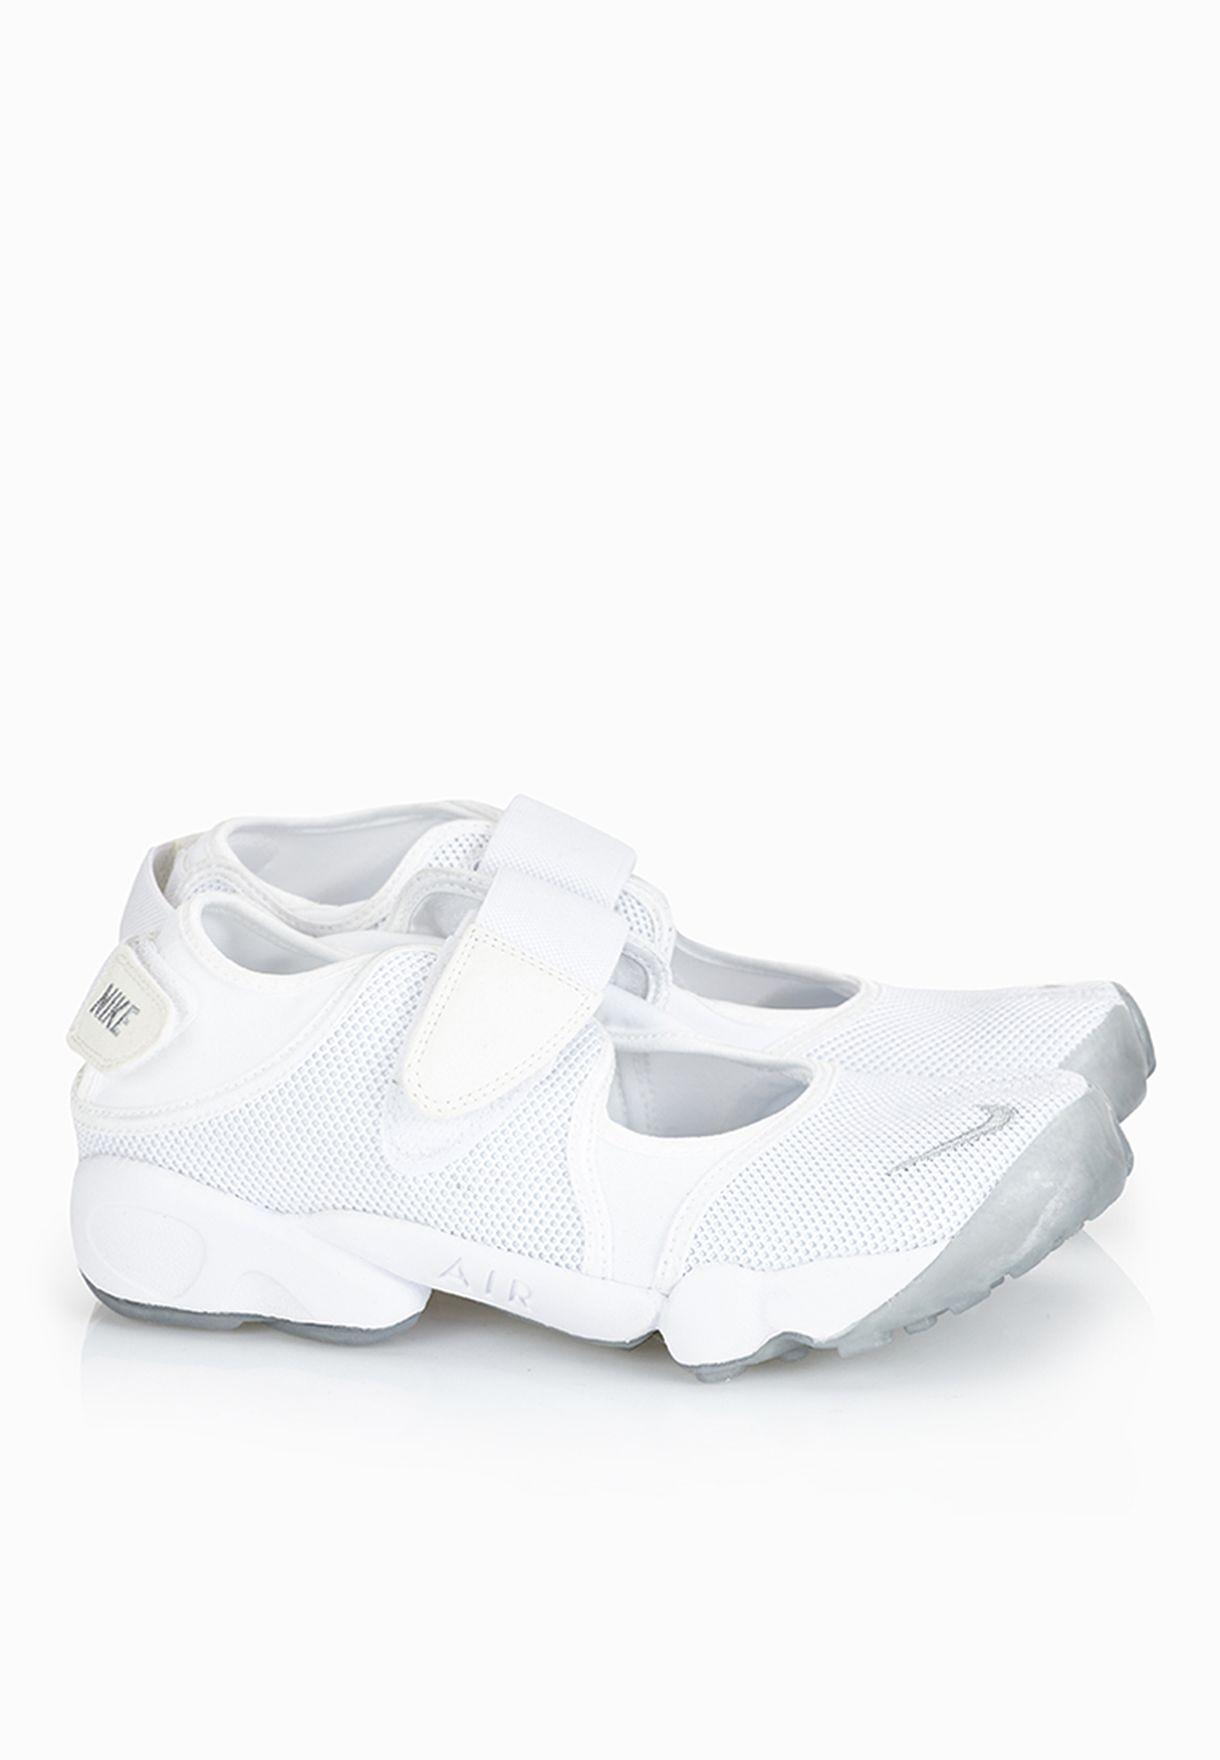 san francisco ab5de 8a69a Air Rift Sneakers